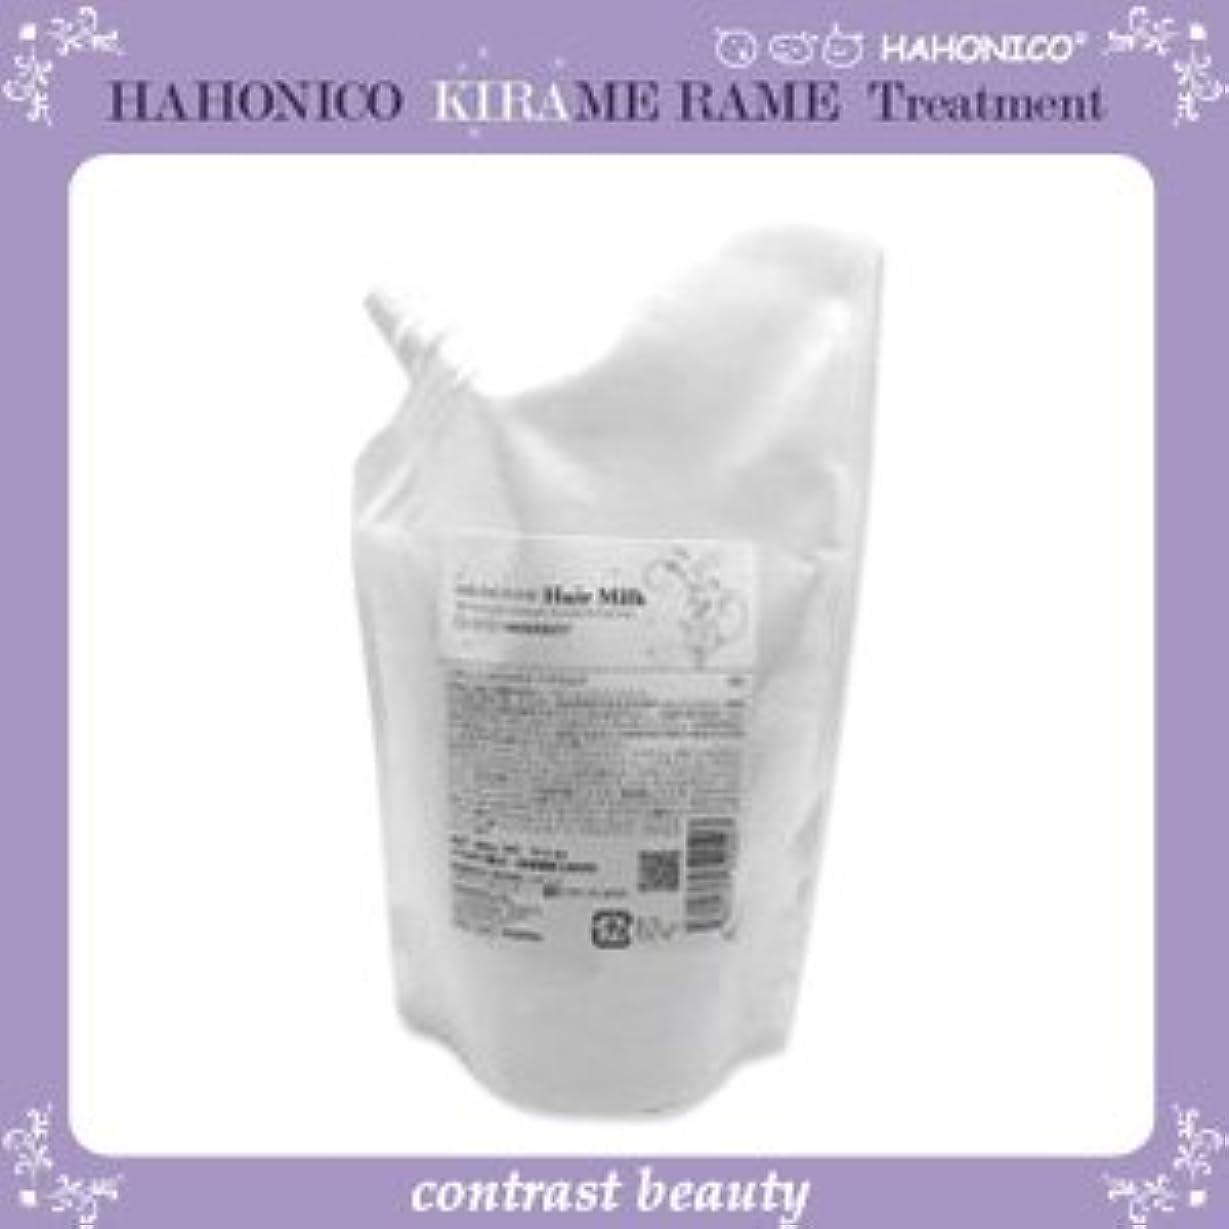 一致する不完全効果的【X4個セット】 ハホニコ キラメラメ ヘアミルク 300g KIRAME RAME HAHONICO